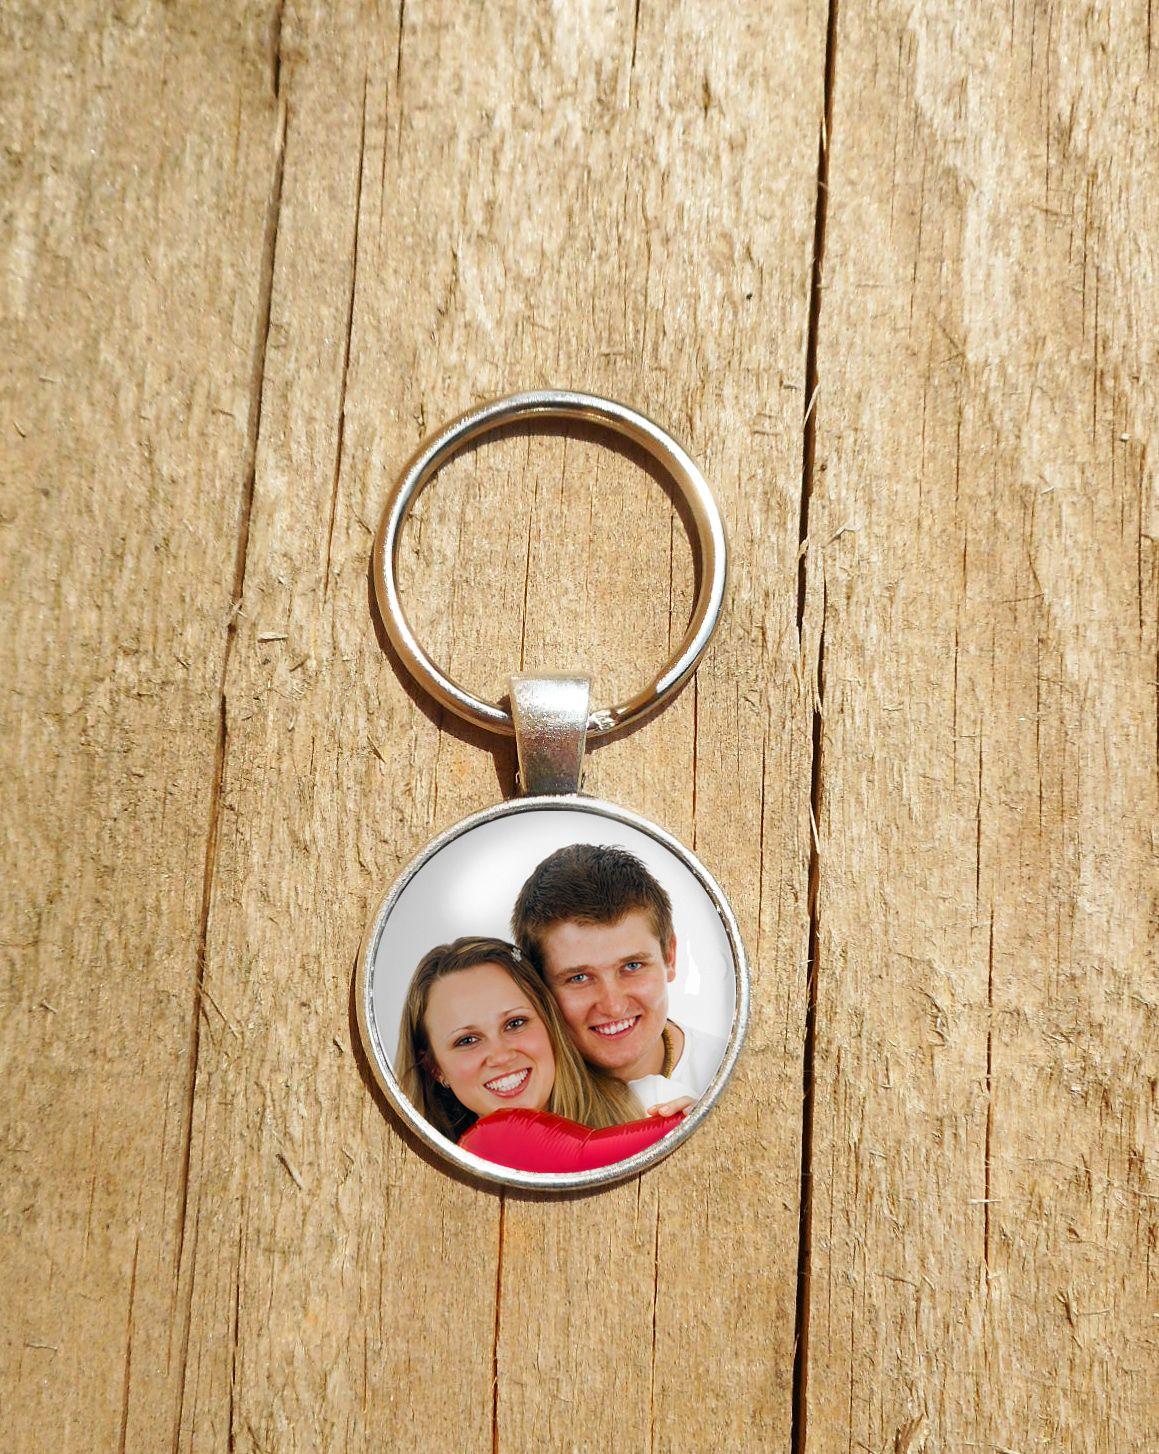 Fényképes kulcstartó, szülőköszöntő ajándék